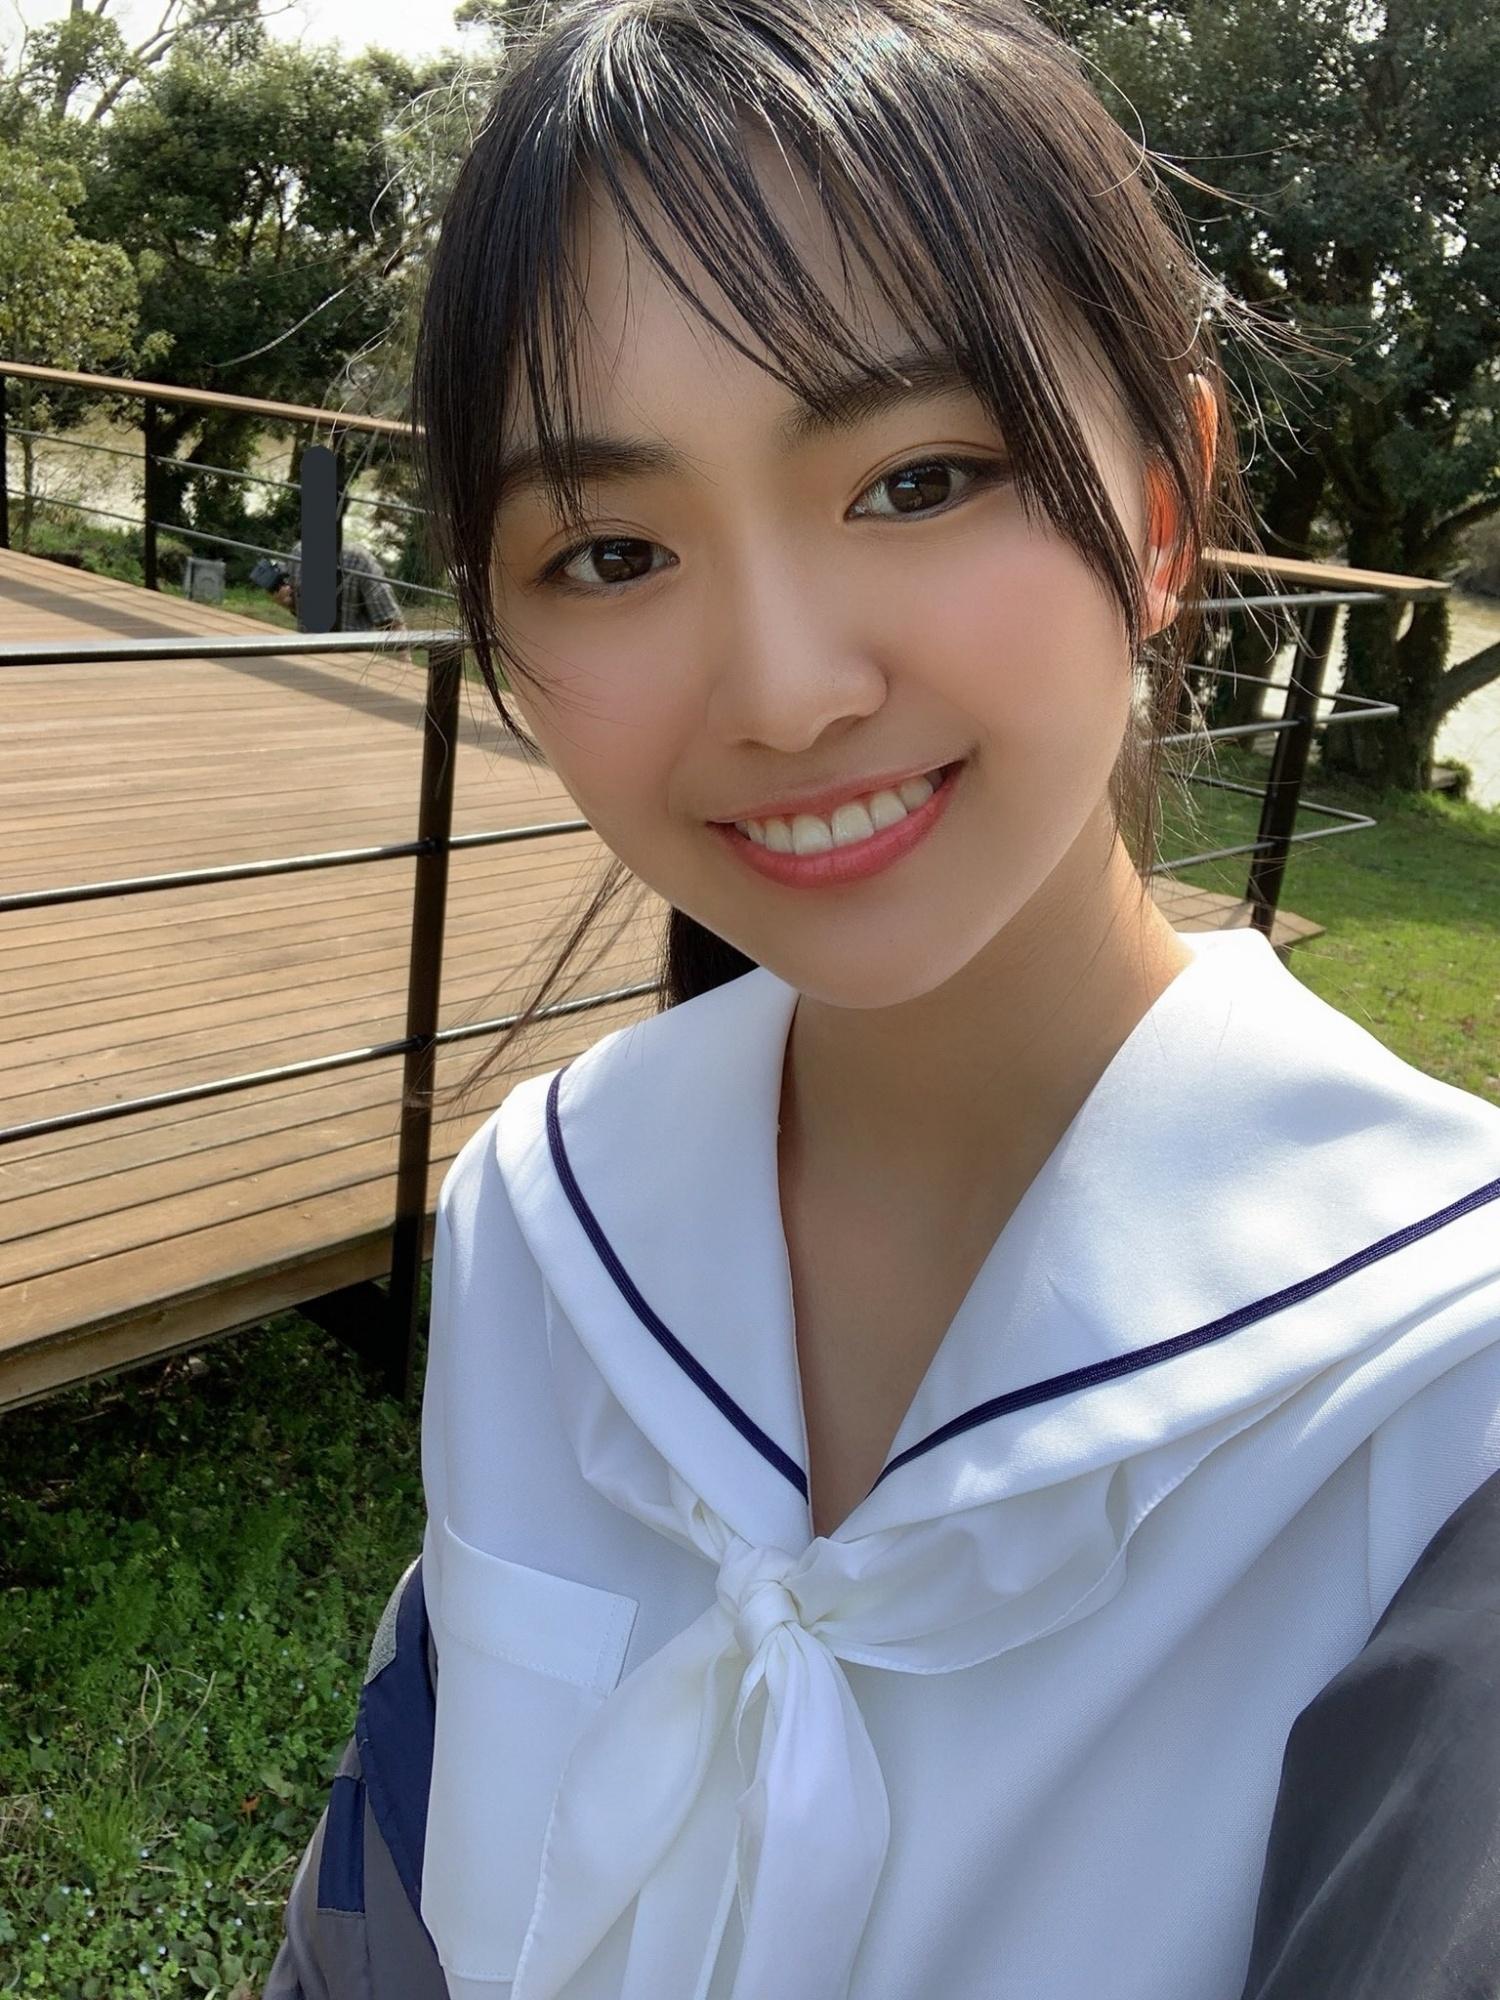 让人心醉!18岁美少女「丰田留妃」最新写真再晒「有料」-新图包